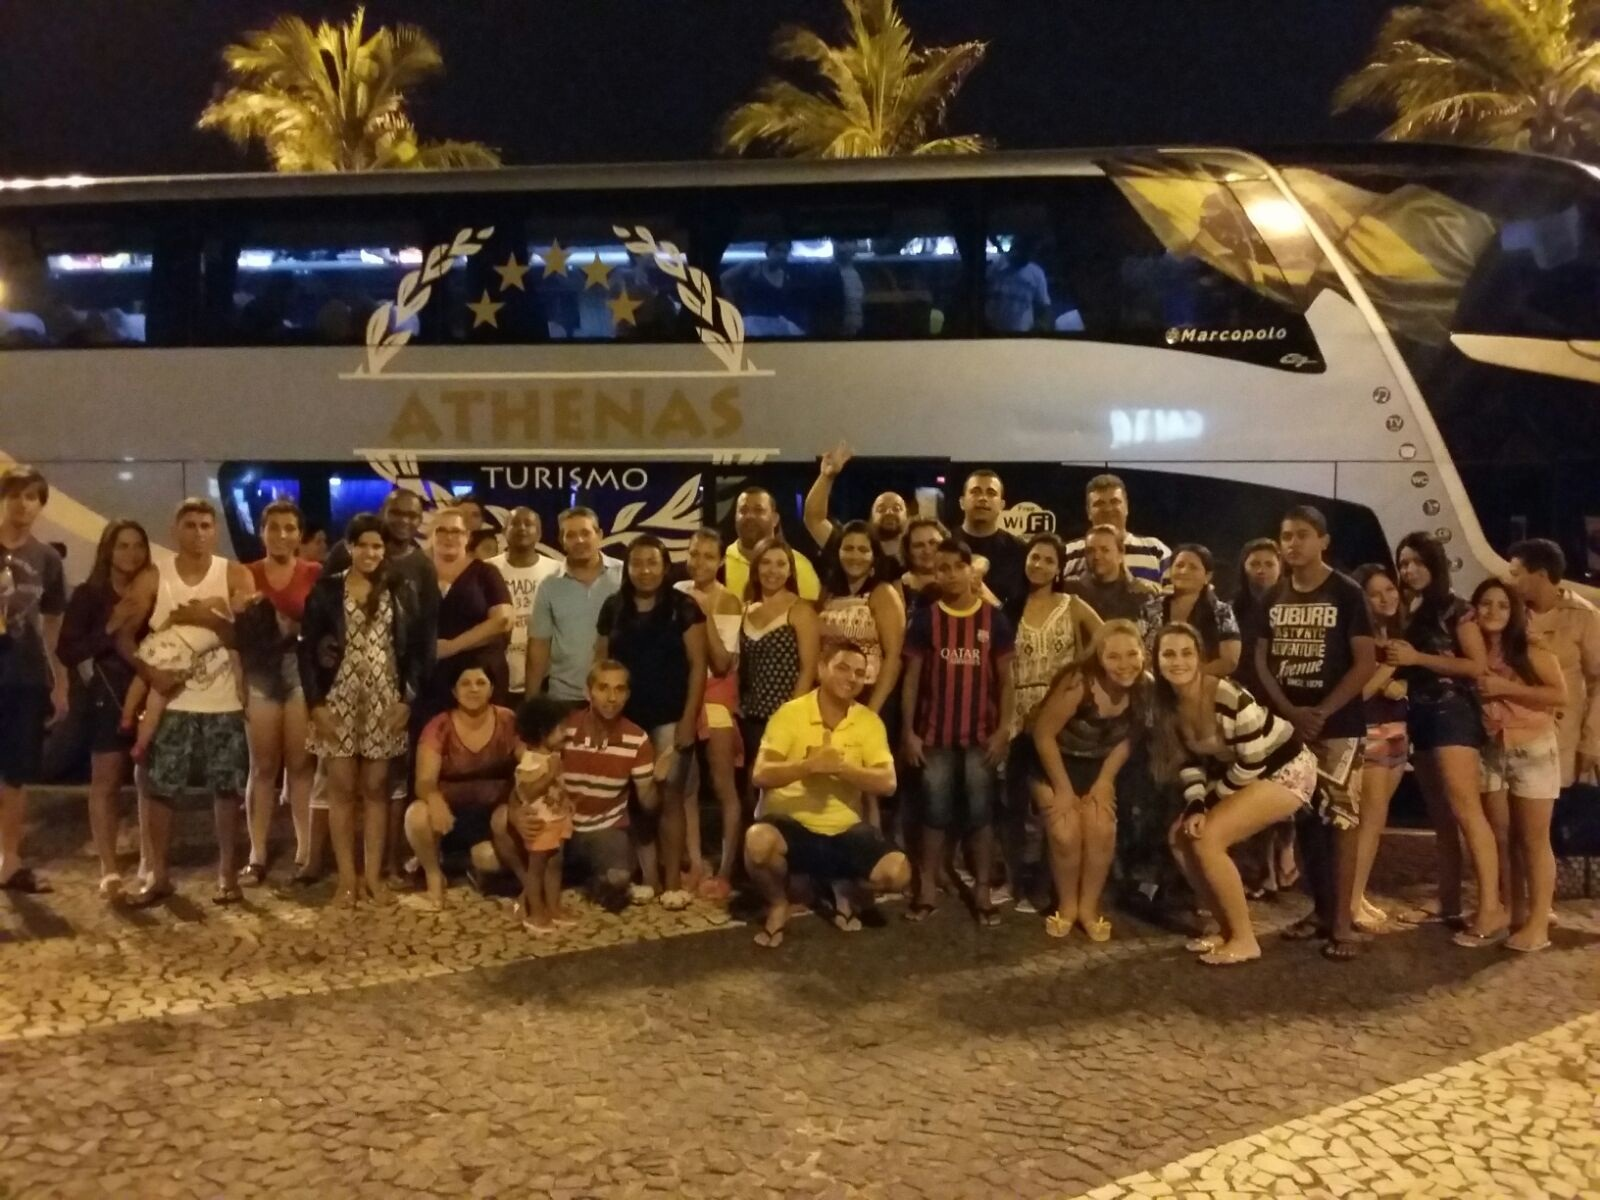 Aracaju/Maceio/Porto de Galinhas